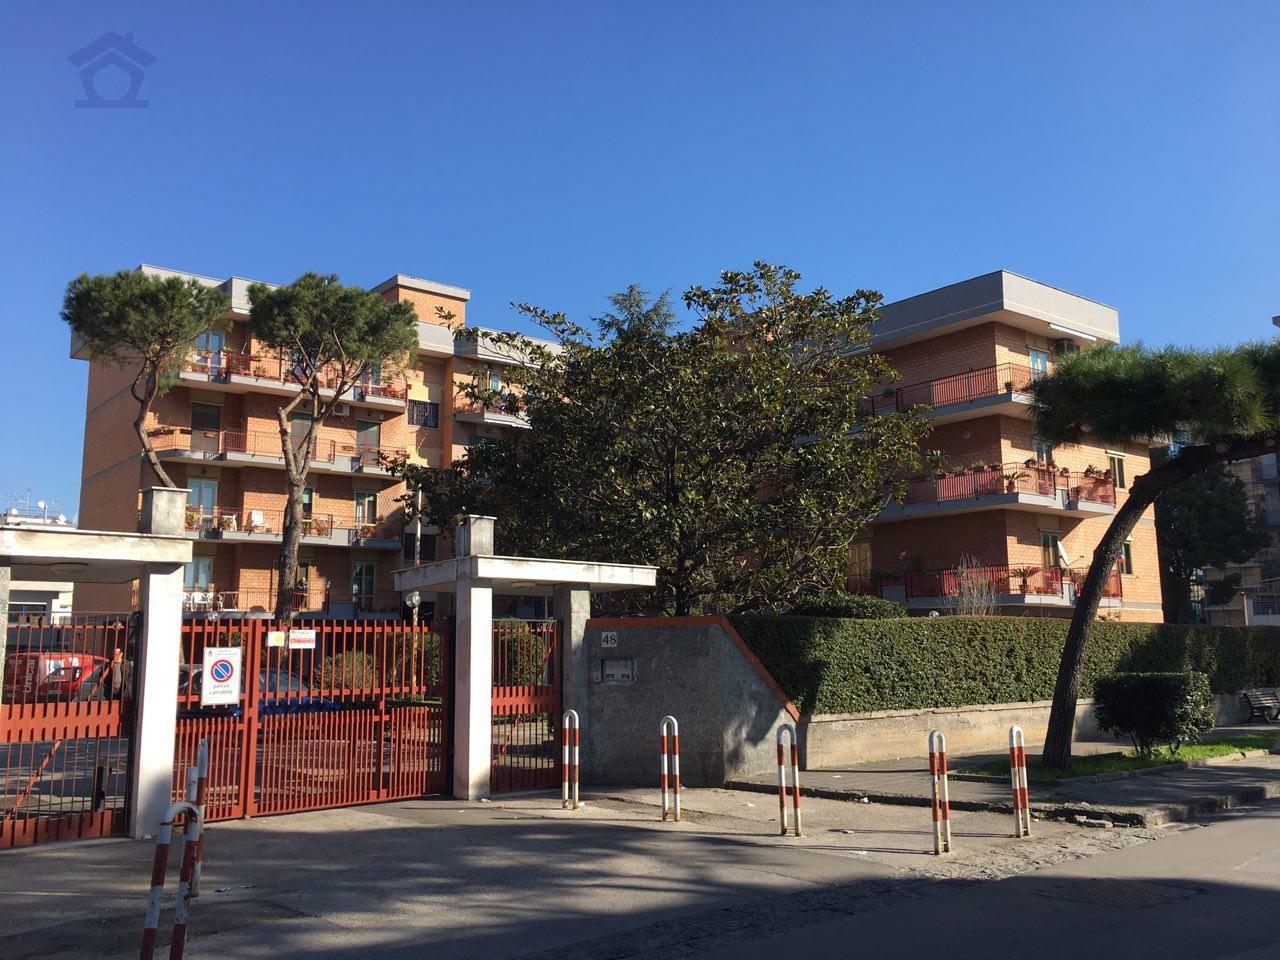 Appartamento in vendita a Torre Annunziata, 4 locali, zona Località: nord, prezzo € 330.000 | CambioCasa.it